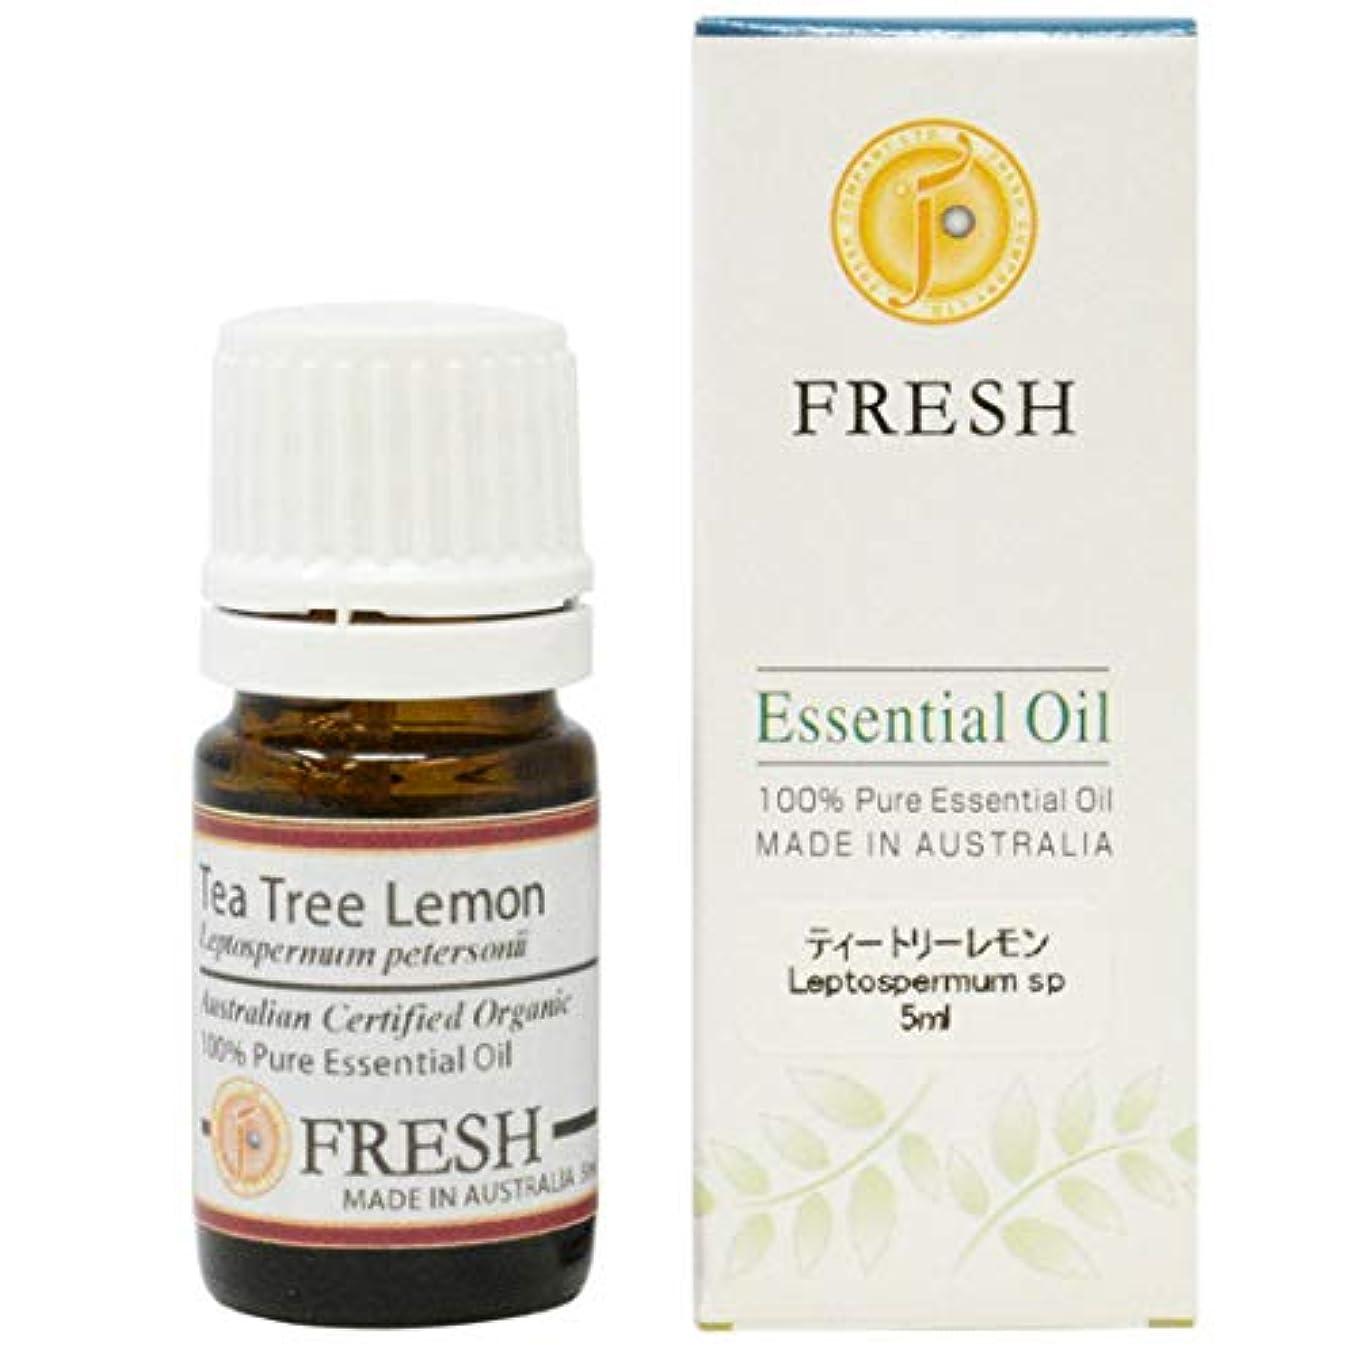 暴徒不調和郵便FRESH オーガニック エッセンシャルオイル ティートリーレモン 5ml (FRESH 精油)